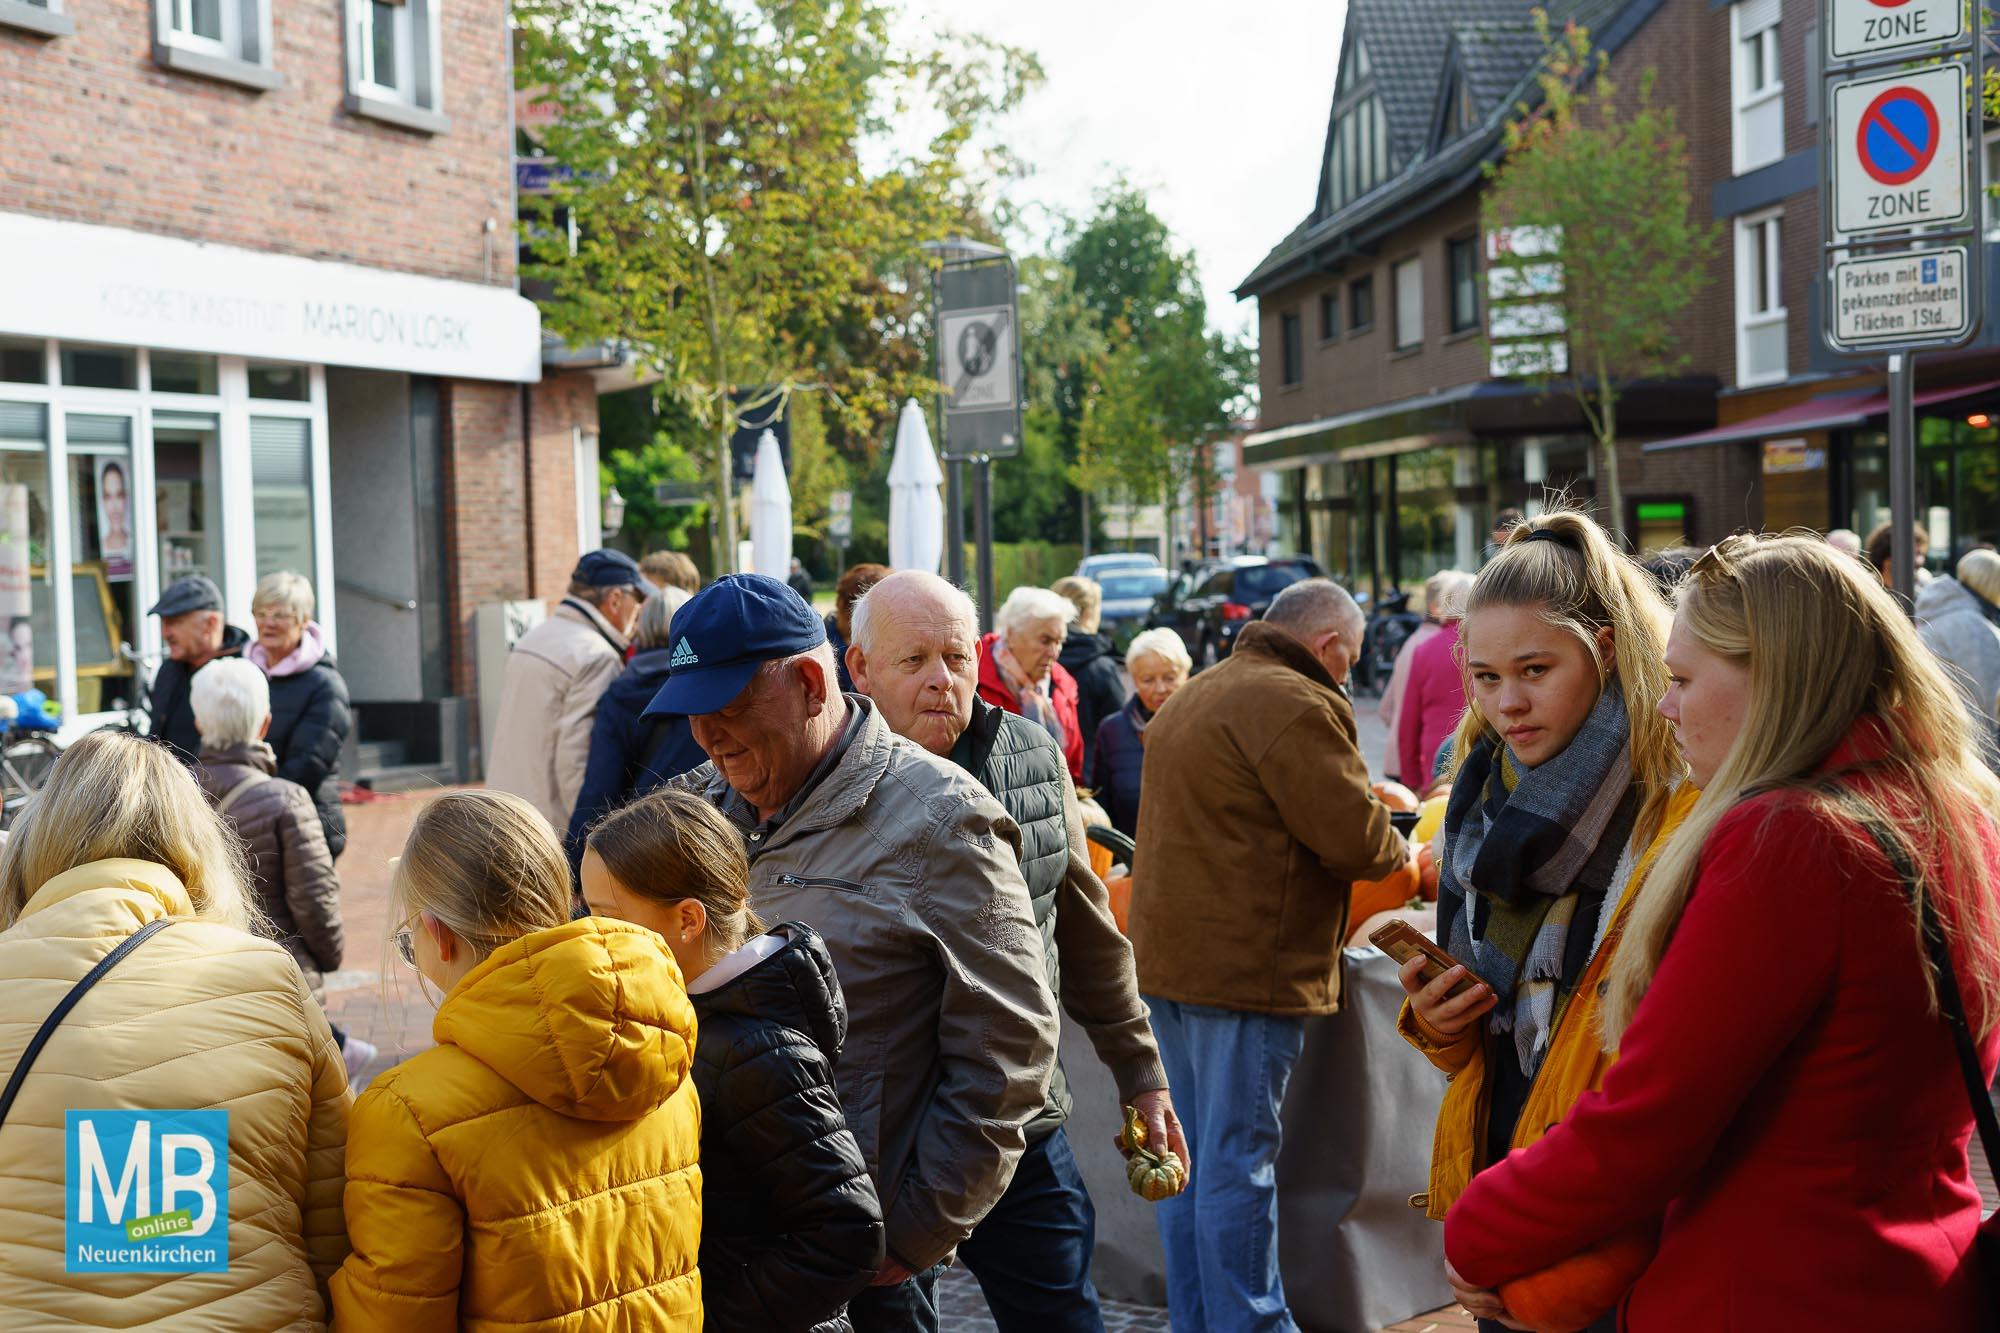 Das beliebte Kürbisfestival lockte viele Gäste ins Dorf nach Neuenkirchen. | Foto: Dale/Koers